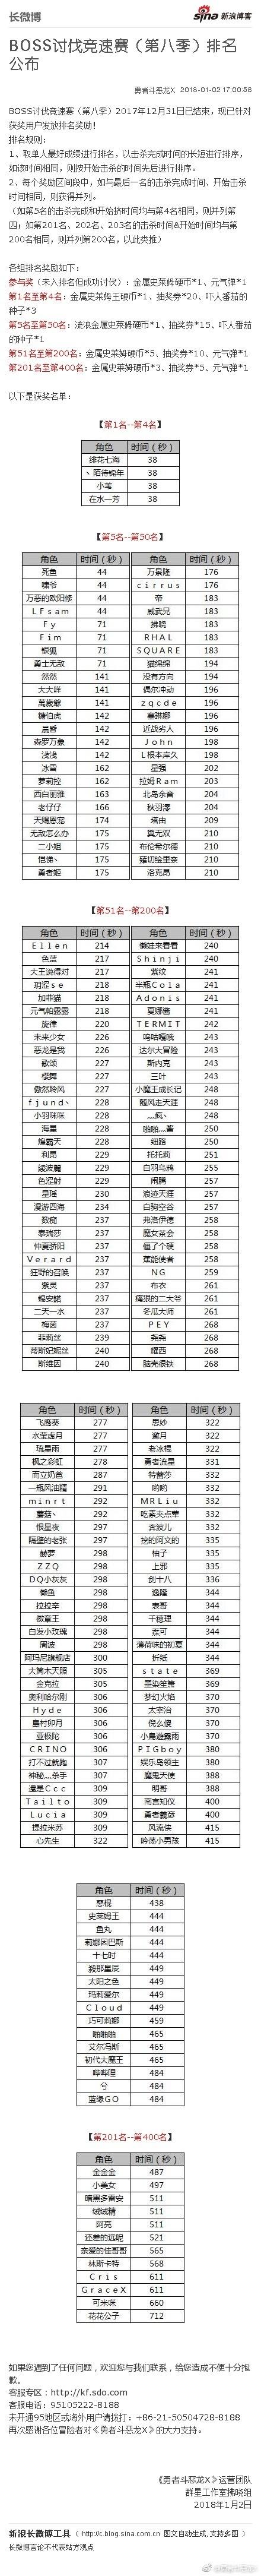 BOSS讨伐竞速赛(第八季)排名.jpg